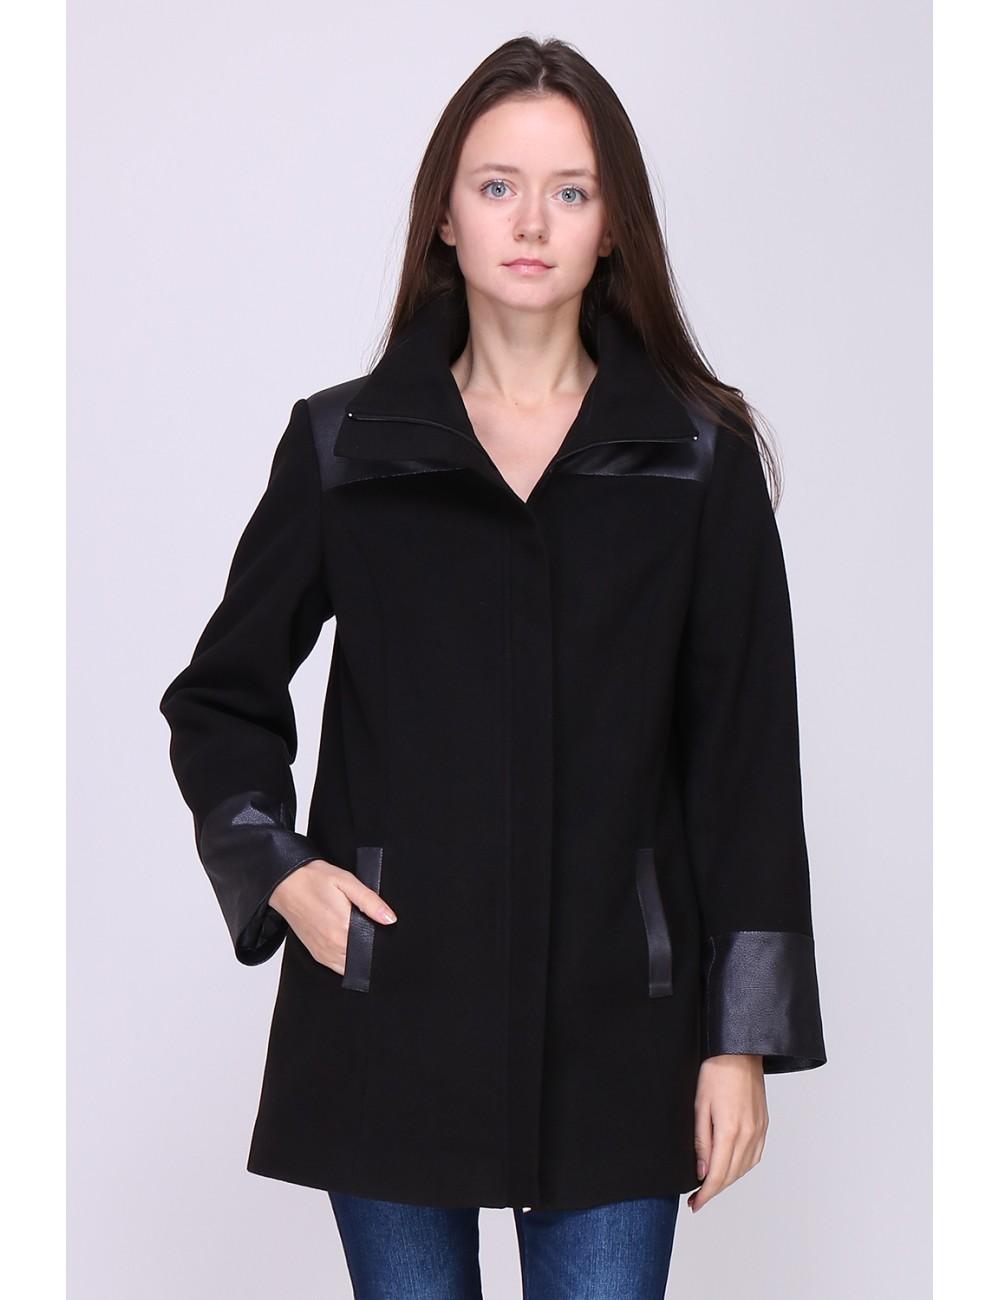 Manteau LAURA mi-long, coupe droite, col enveloppe. Taille 38 Couleur Noir